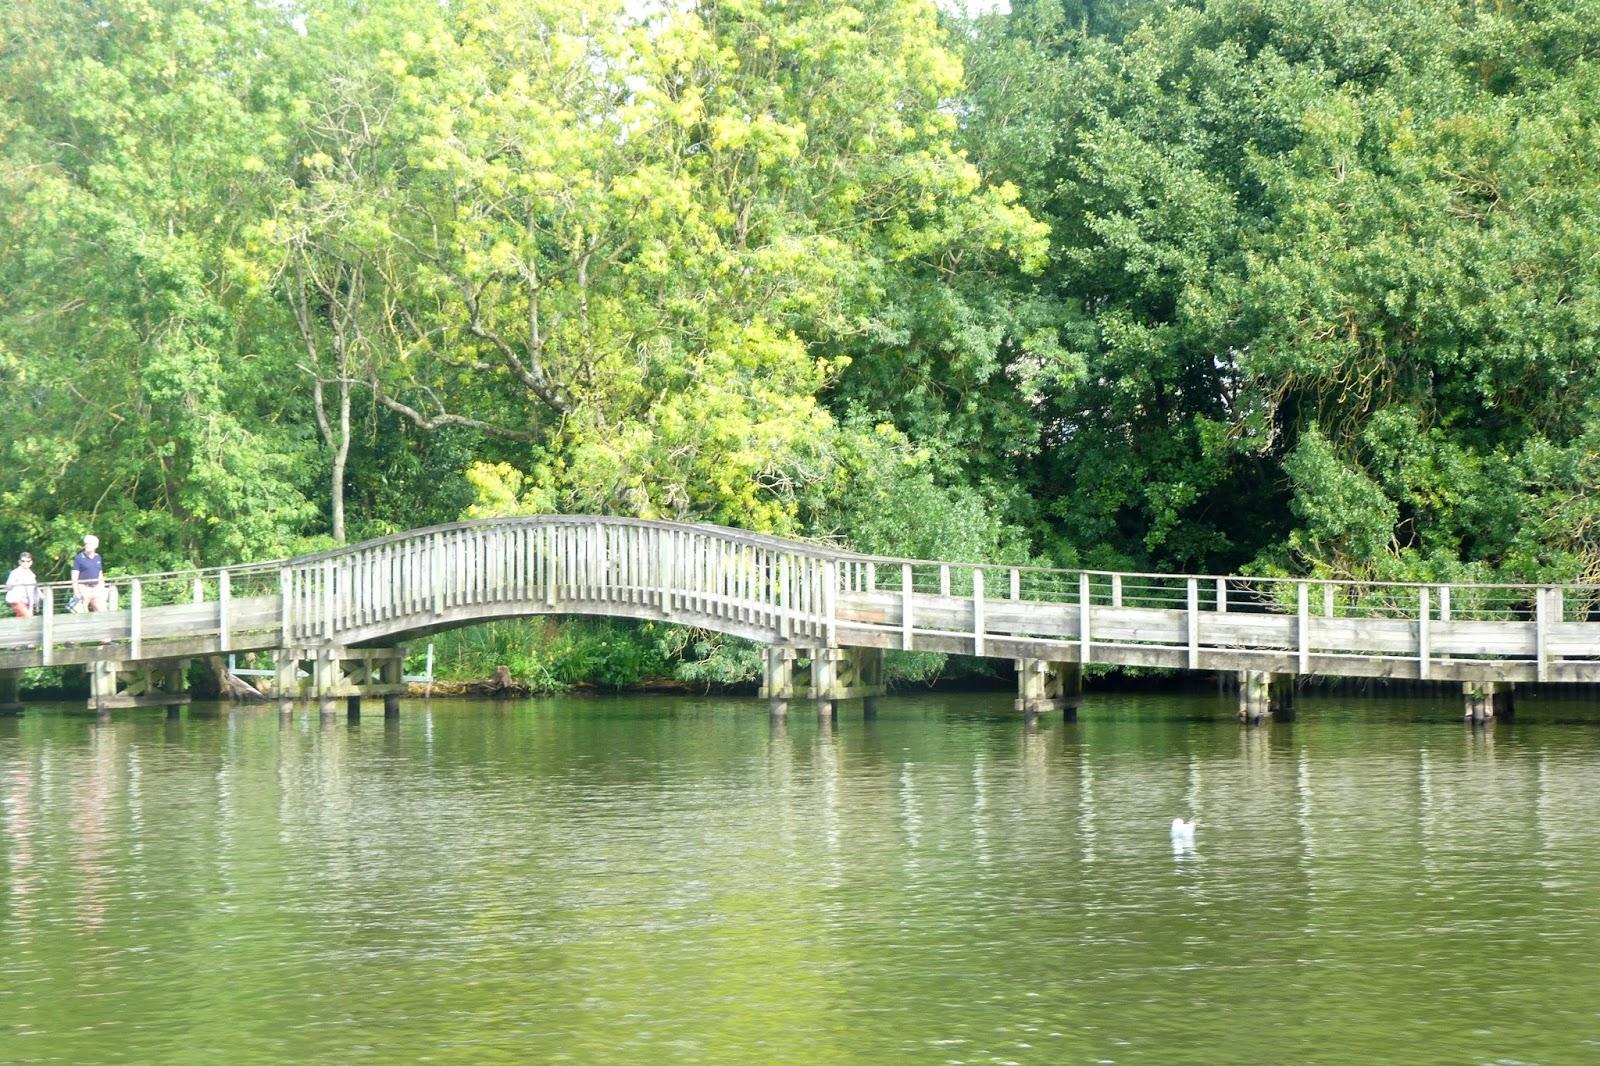 pont piéton rivière erdre nantes